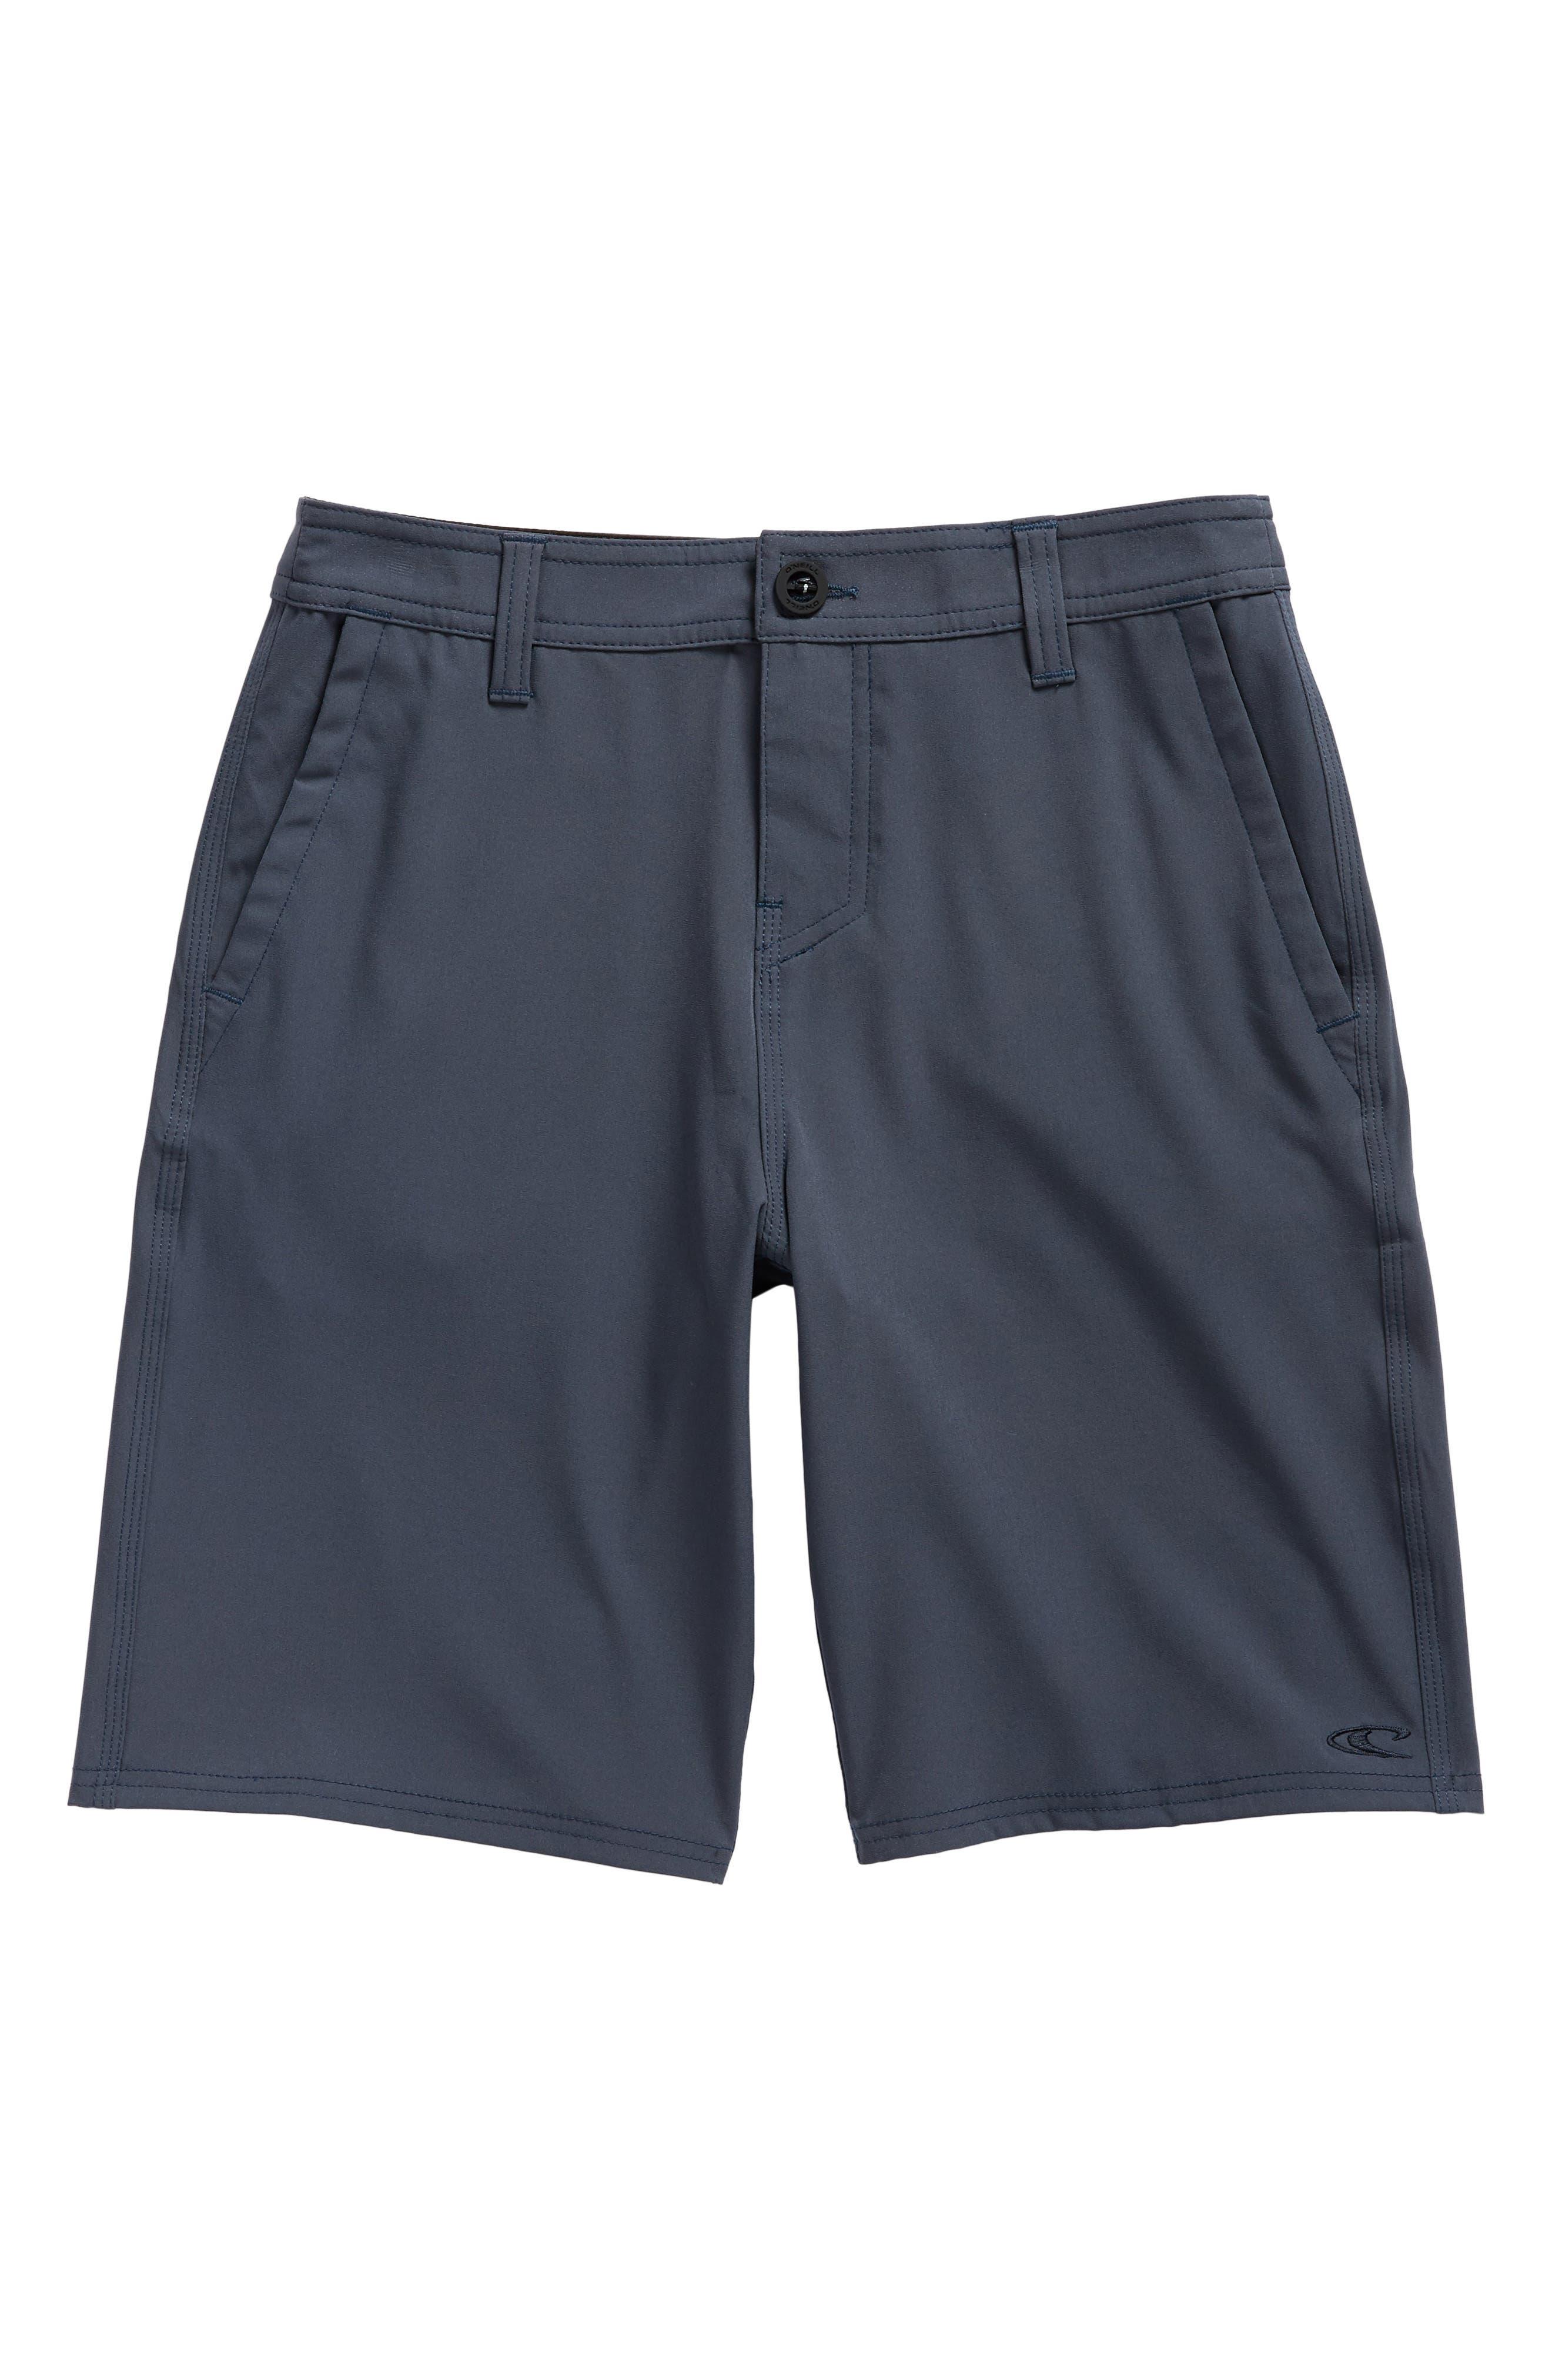 Loaded Hybrid Board Shorts,                             Main thumbnail 1, color,                             Slate